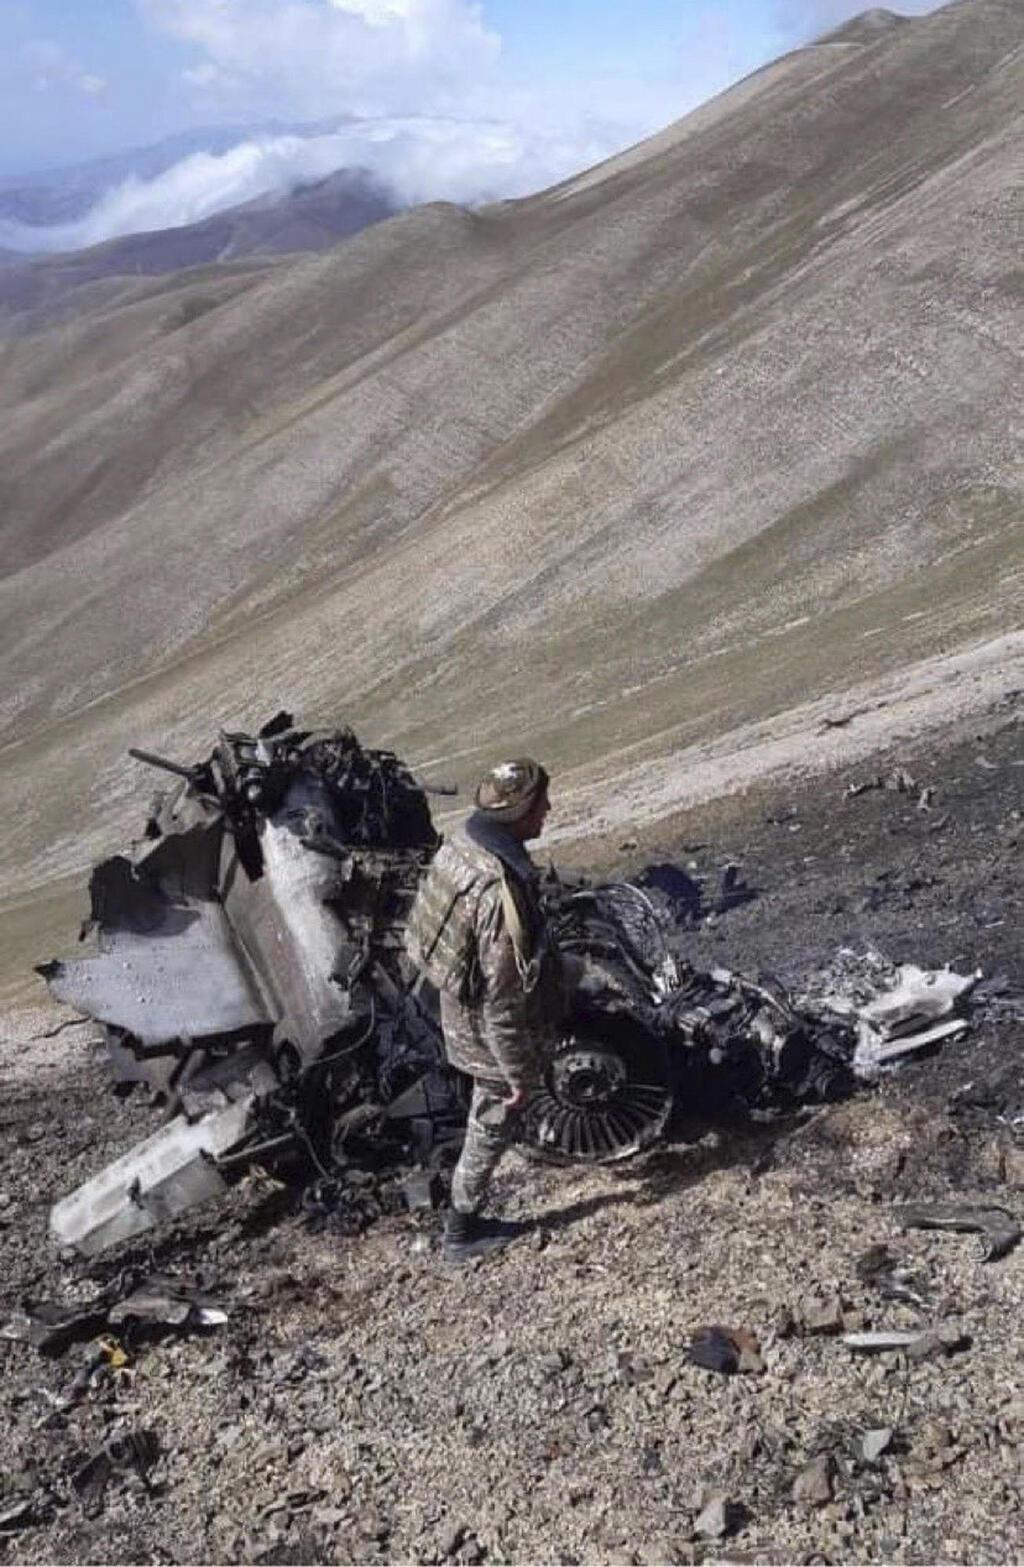 הריסות של מטוס קרב ארמני נגורנו קרבאך אזרבייג'ן ארמניה